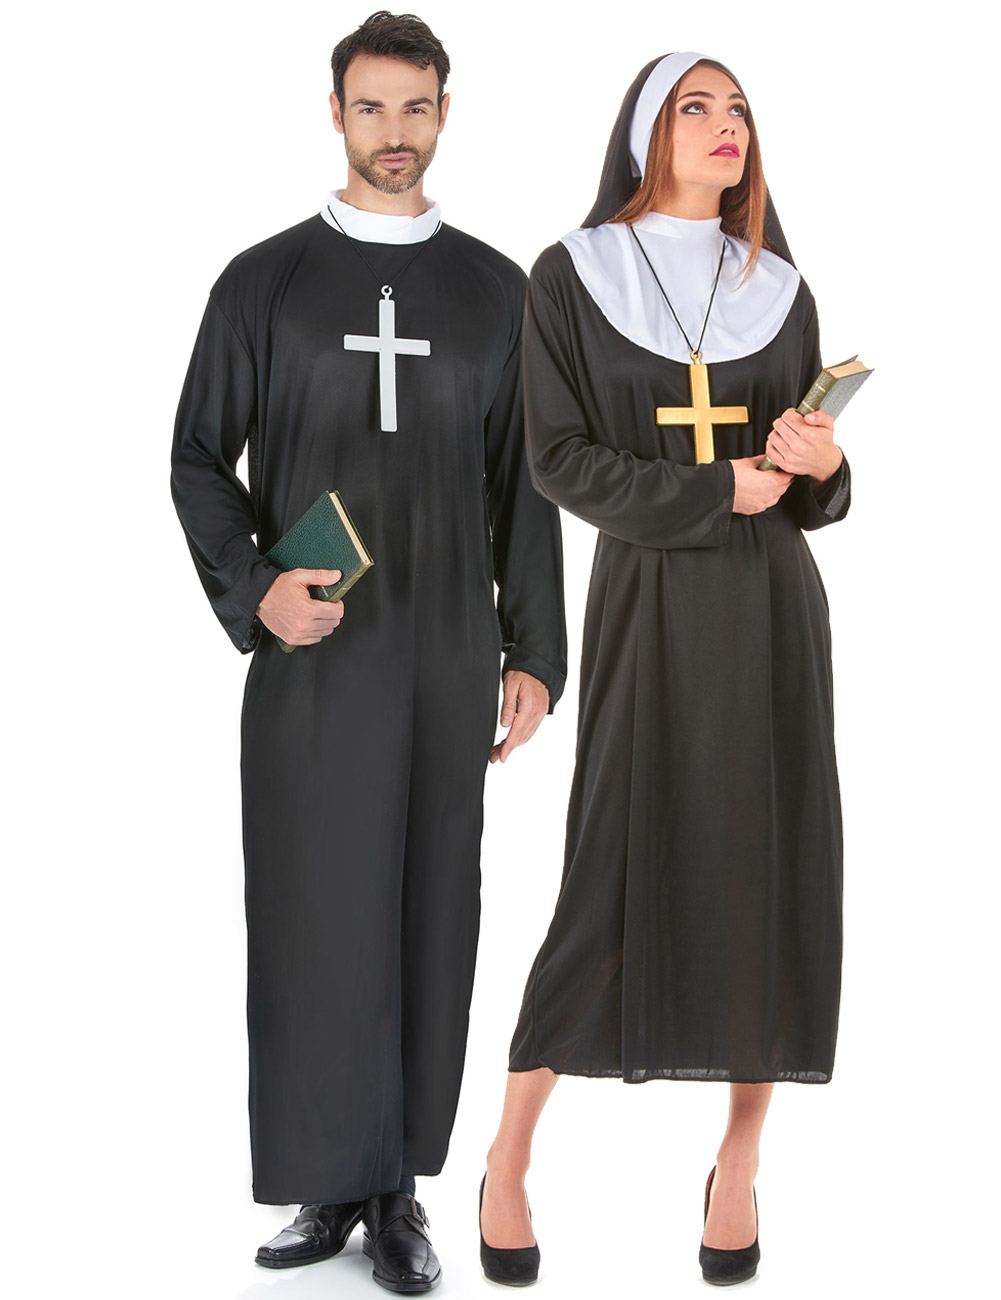 Nonne Und Priester Paarkostum Fur Erwachsene Schwarz Weiss